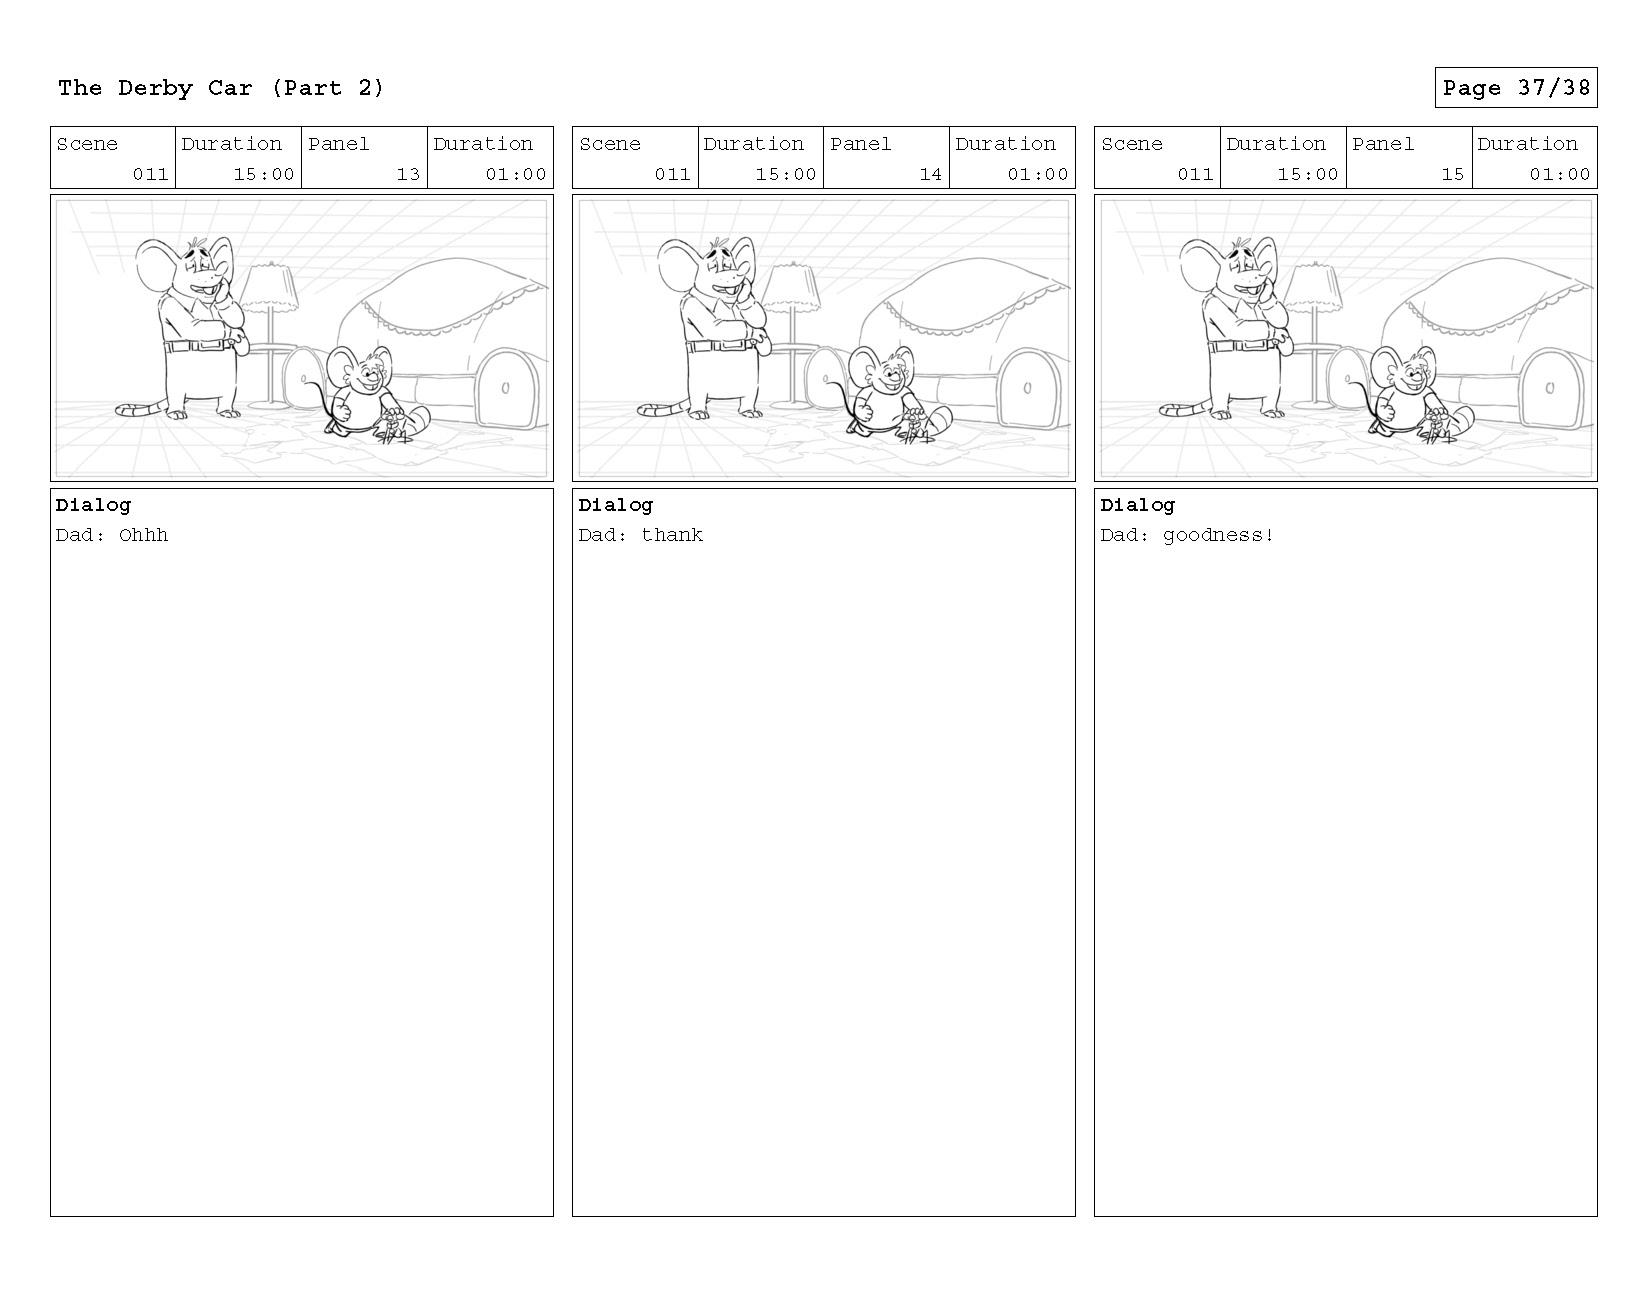 thelfer_derbycar2_Page_38.jpg